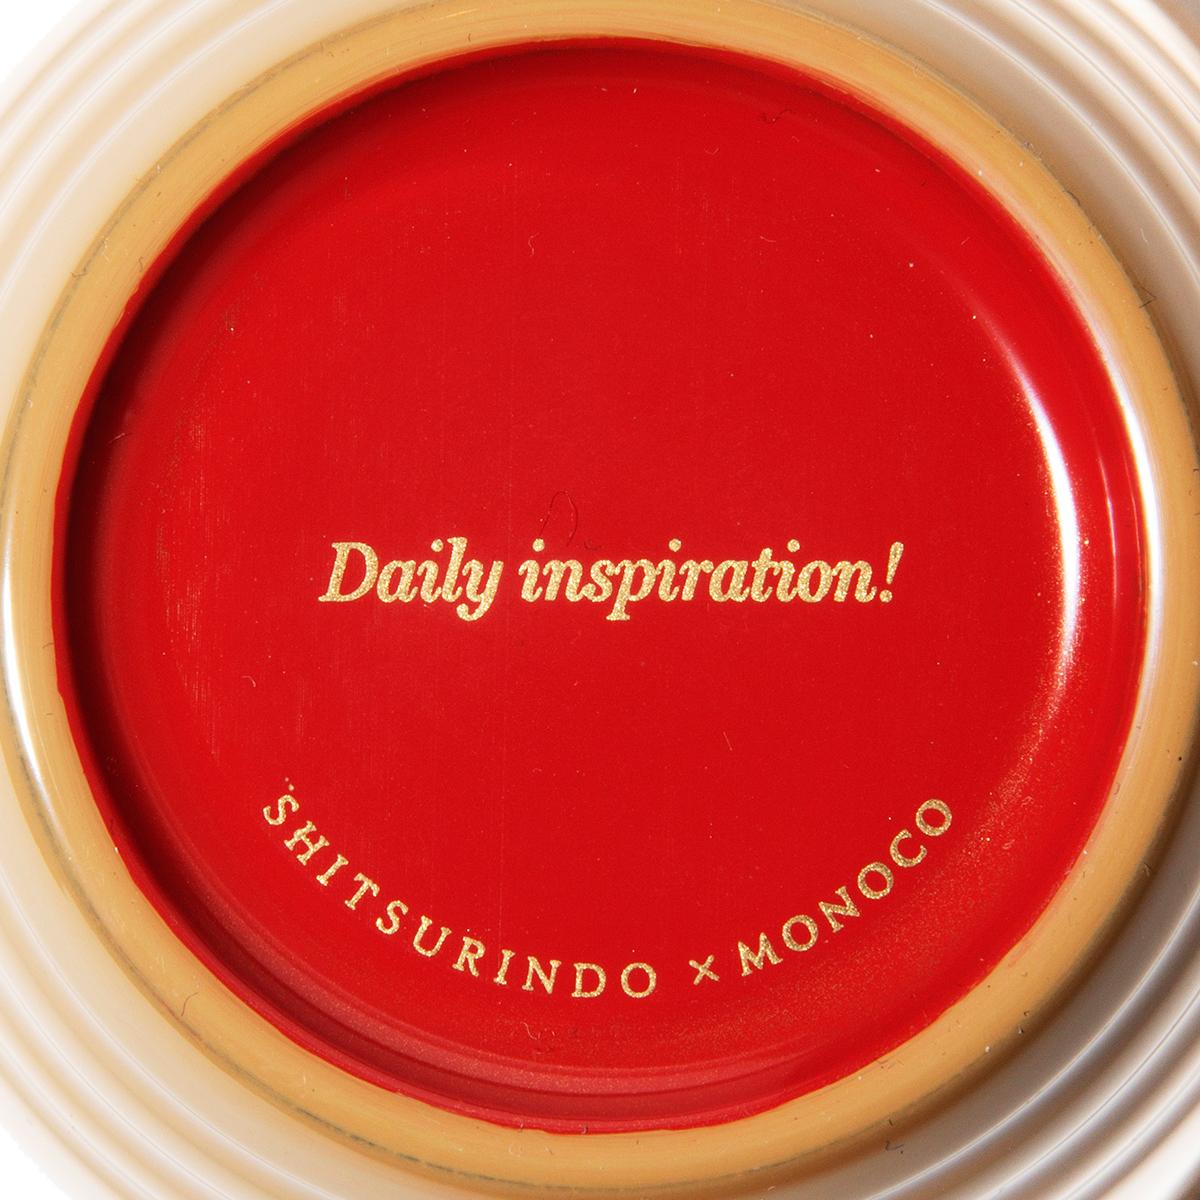 このメッセージは「蒔絵」の技術を駆使して、パッド印刷後に職人の手で金粉を蒔いています。金色塗料で印字したものとは全く質感が異なり、塗膜に厚みのある蒔絵独特の風合いが魅力の「色漆のそば猪口」| 漆琳堂×MONOCO